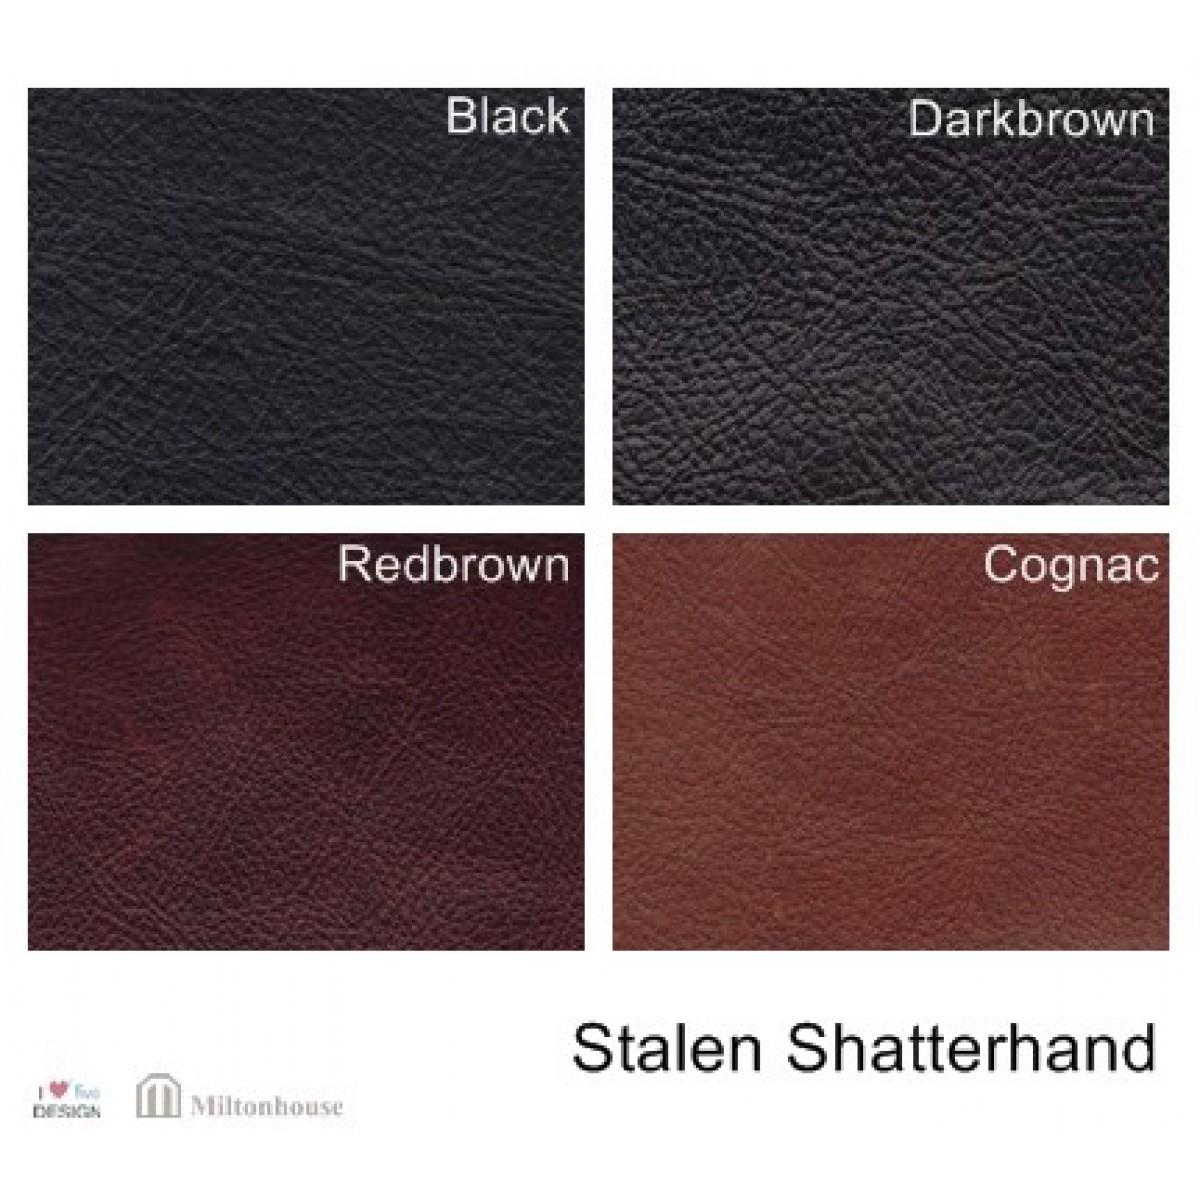 shatterhand-leder-stalen-leer-het-anker-l'ancora